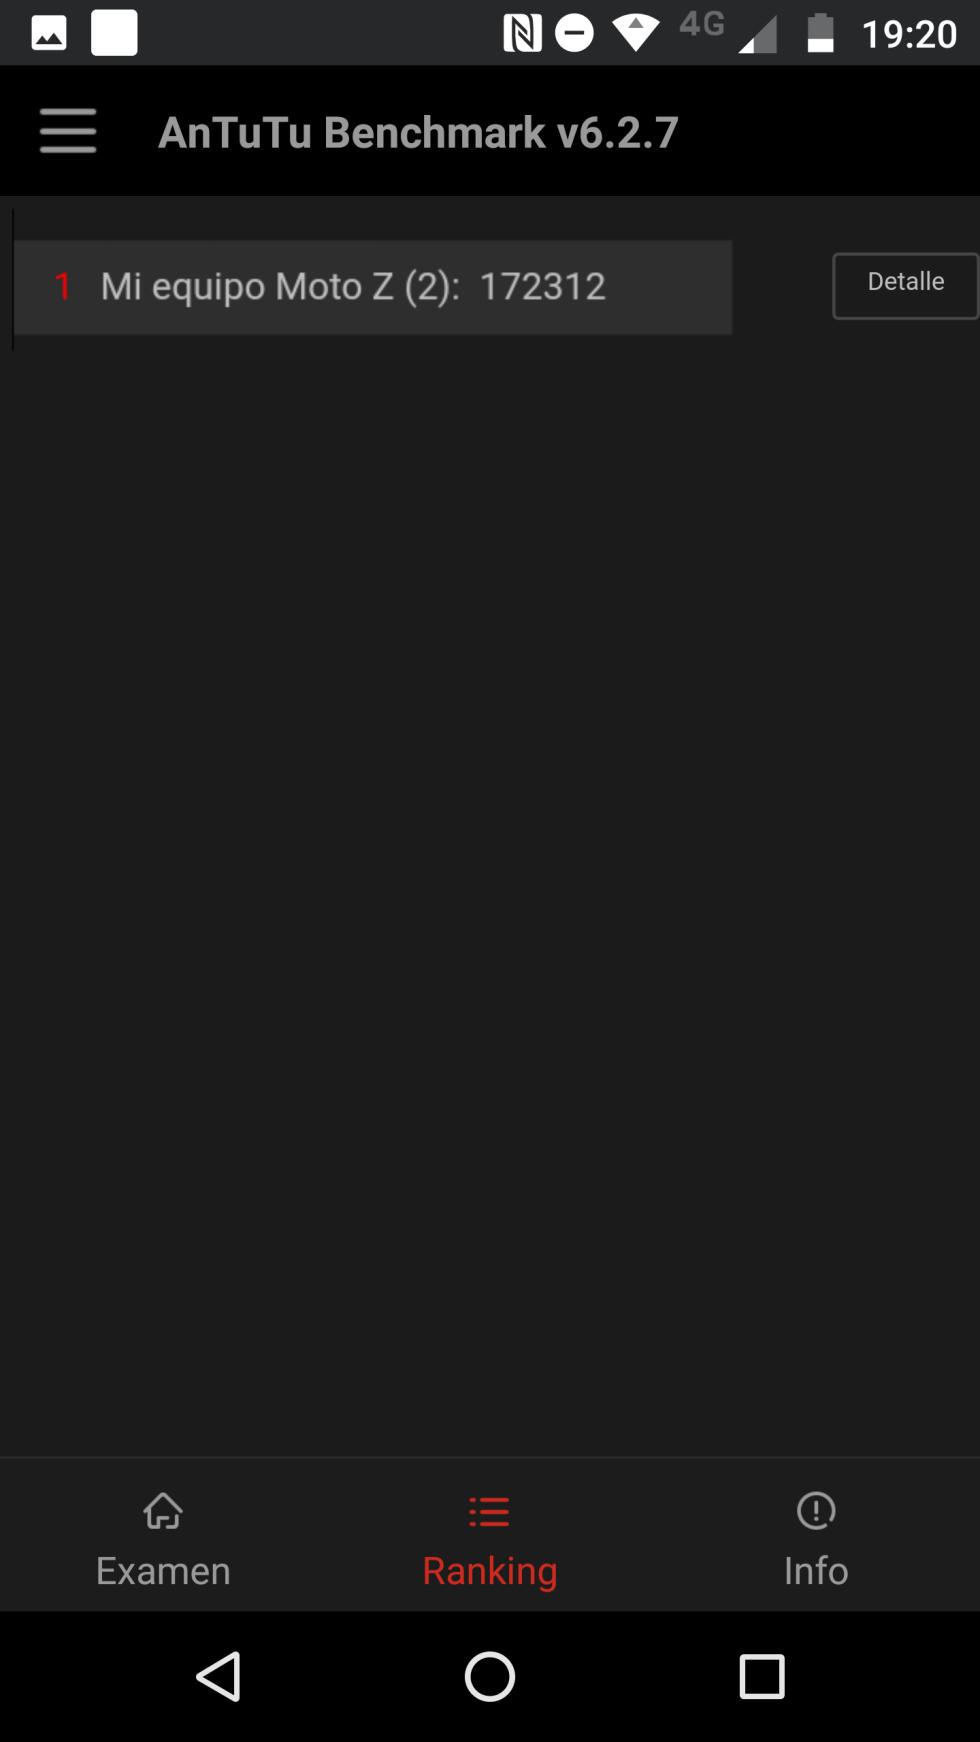 Pruebas de rendimiento del Moto Z2 Force: AnTuTu, 3DMark y GeekBench 4